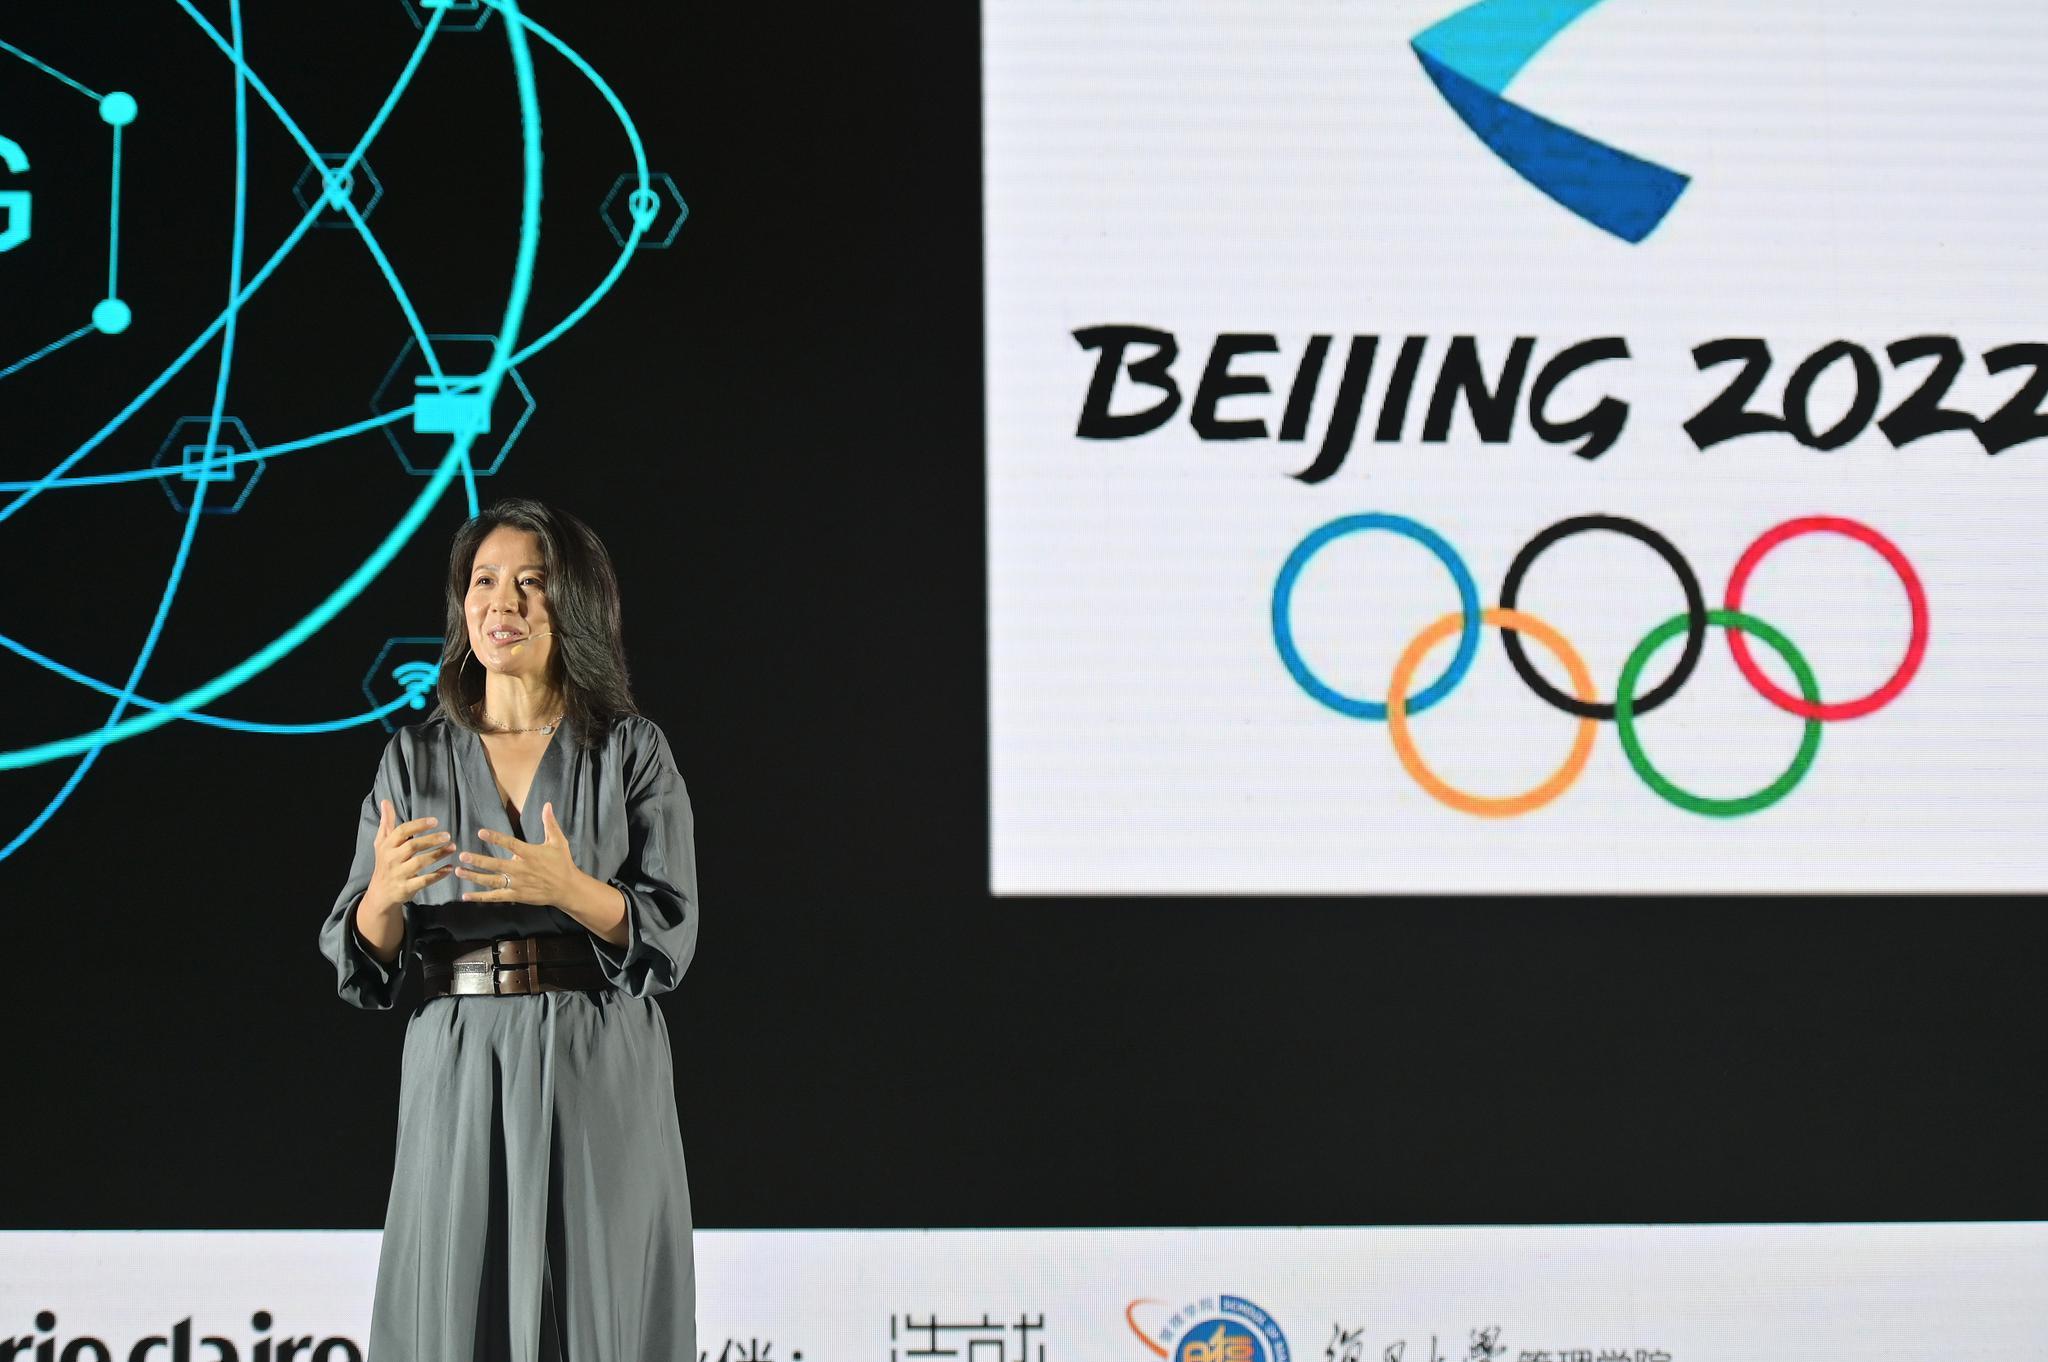 取得举行权后,杨扬成为了北京冬奥会组委会运动员委员会的主席。